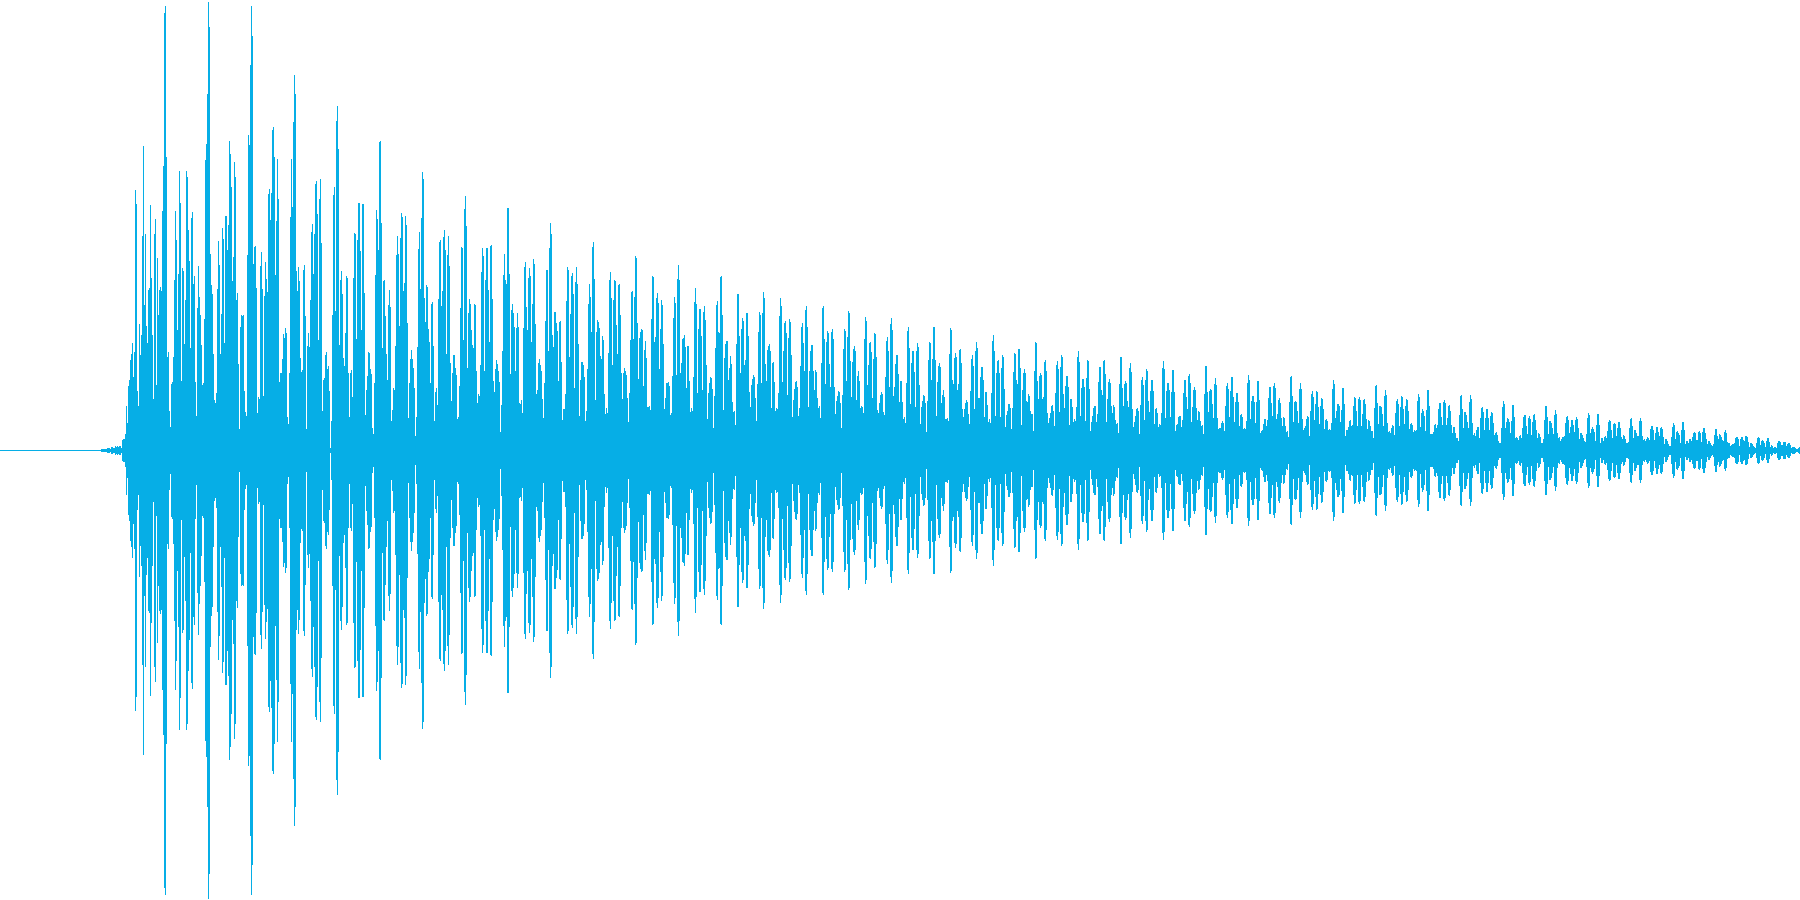 システム音(ワンコード)の再生済みの波形